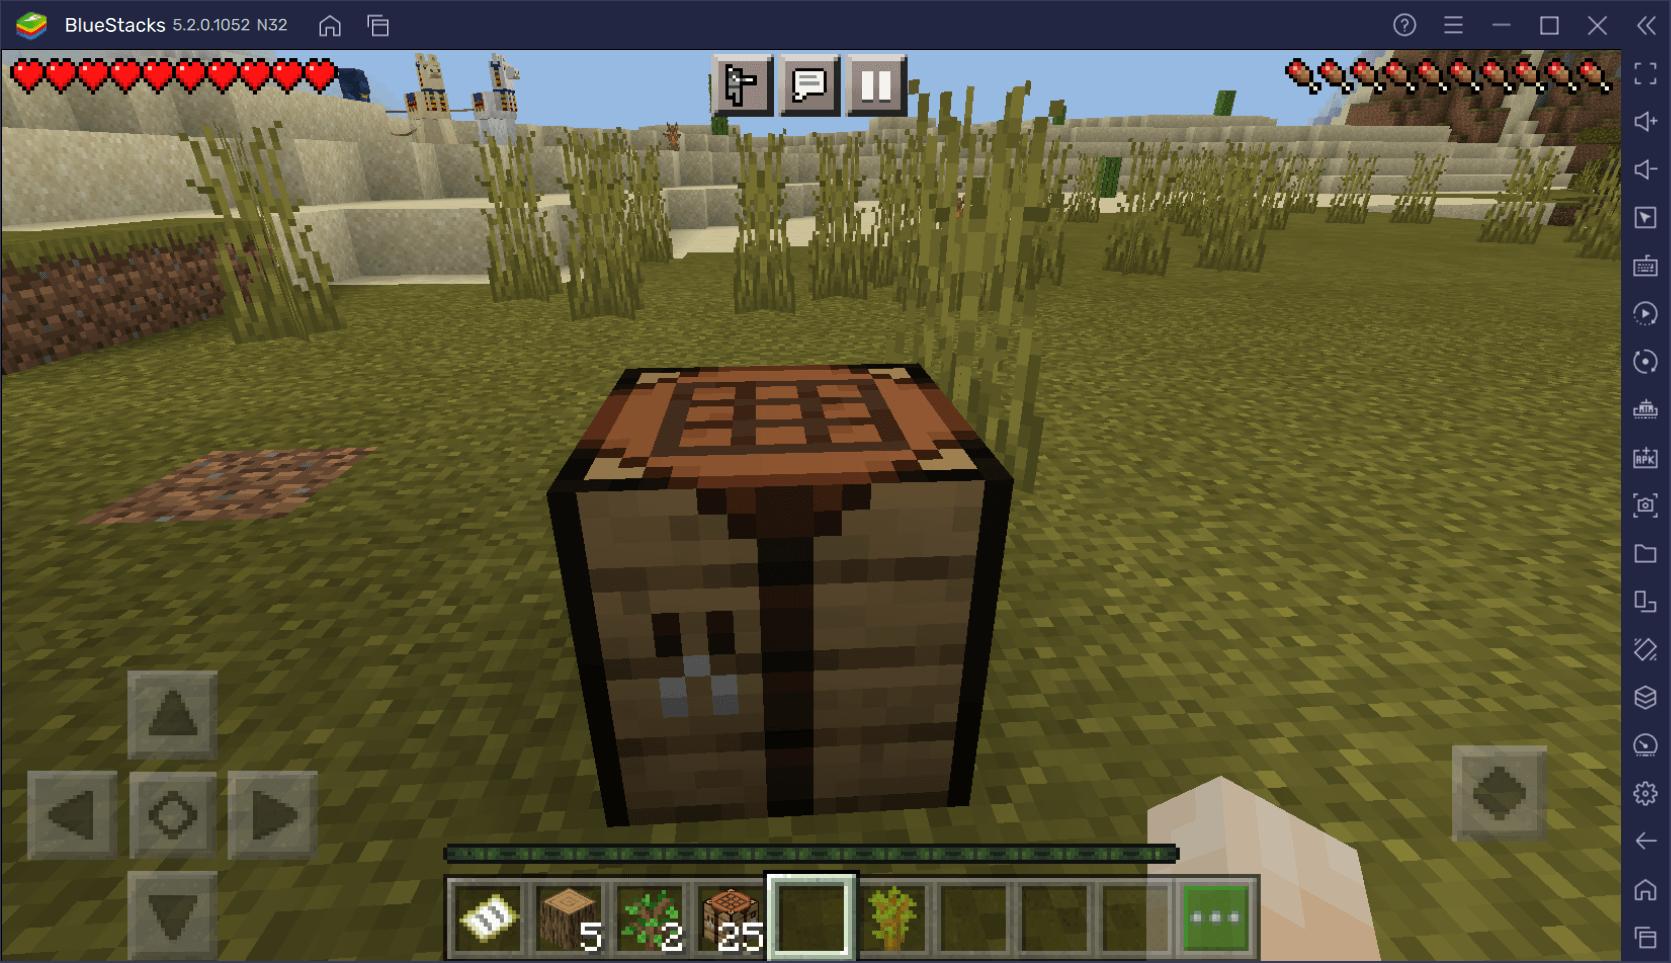 Гайд по режиму выживания в Minecraft. Как продержаться первый день и создать свою базу?